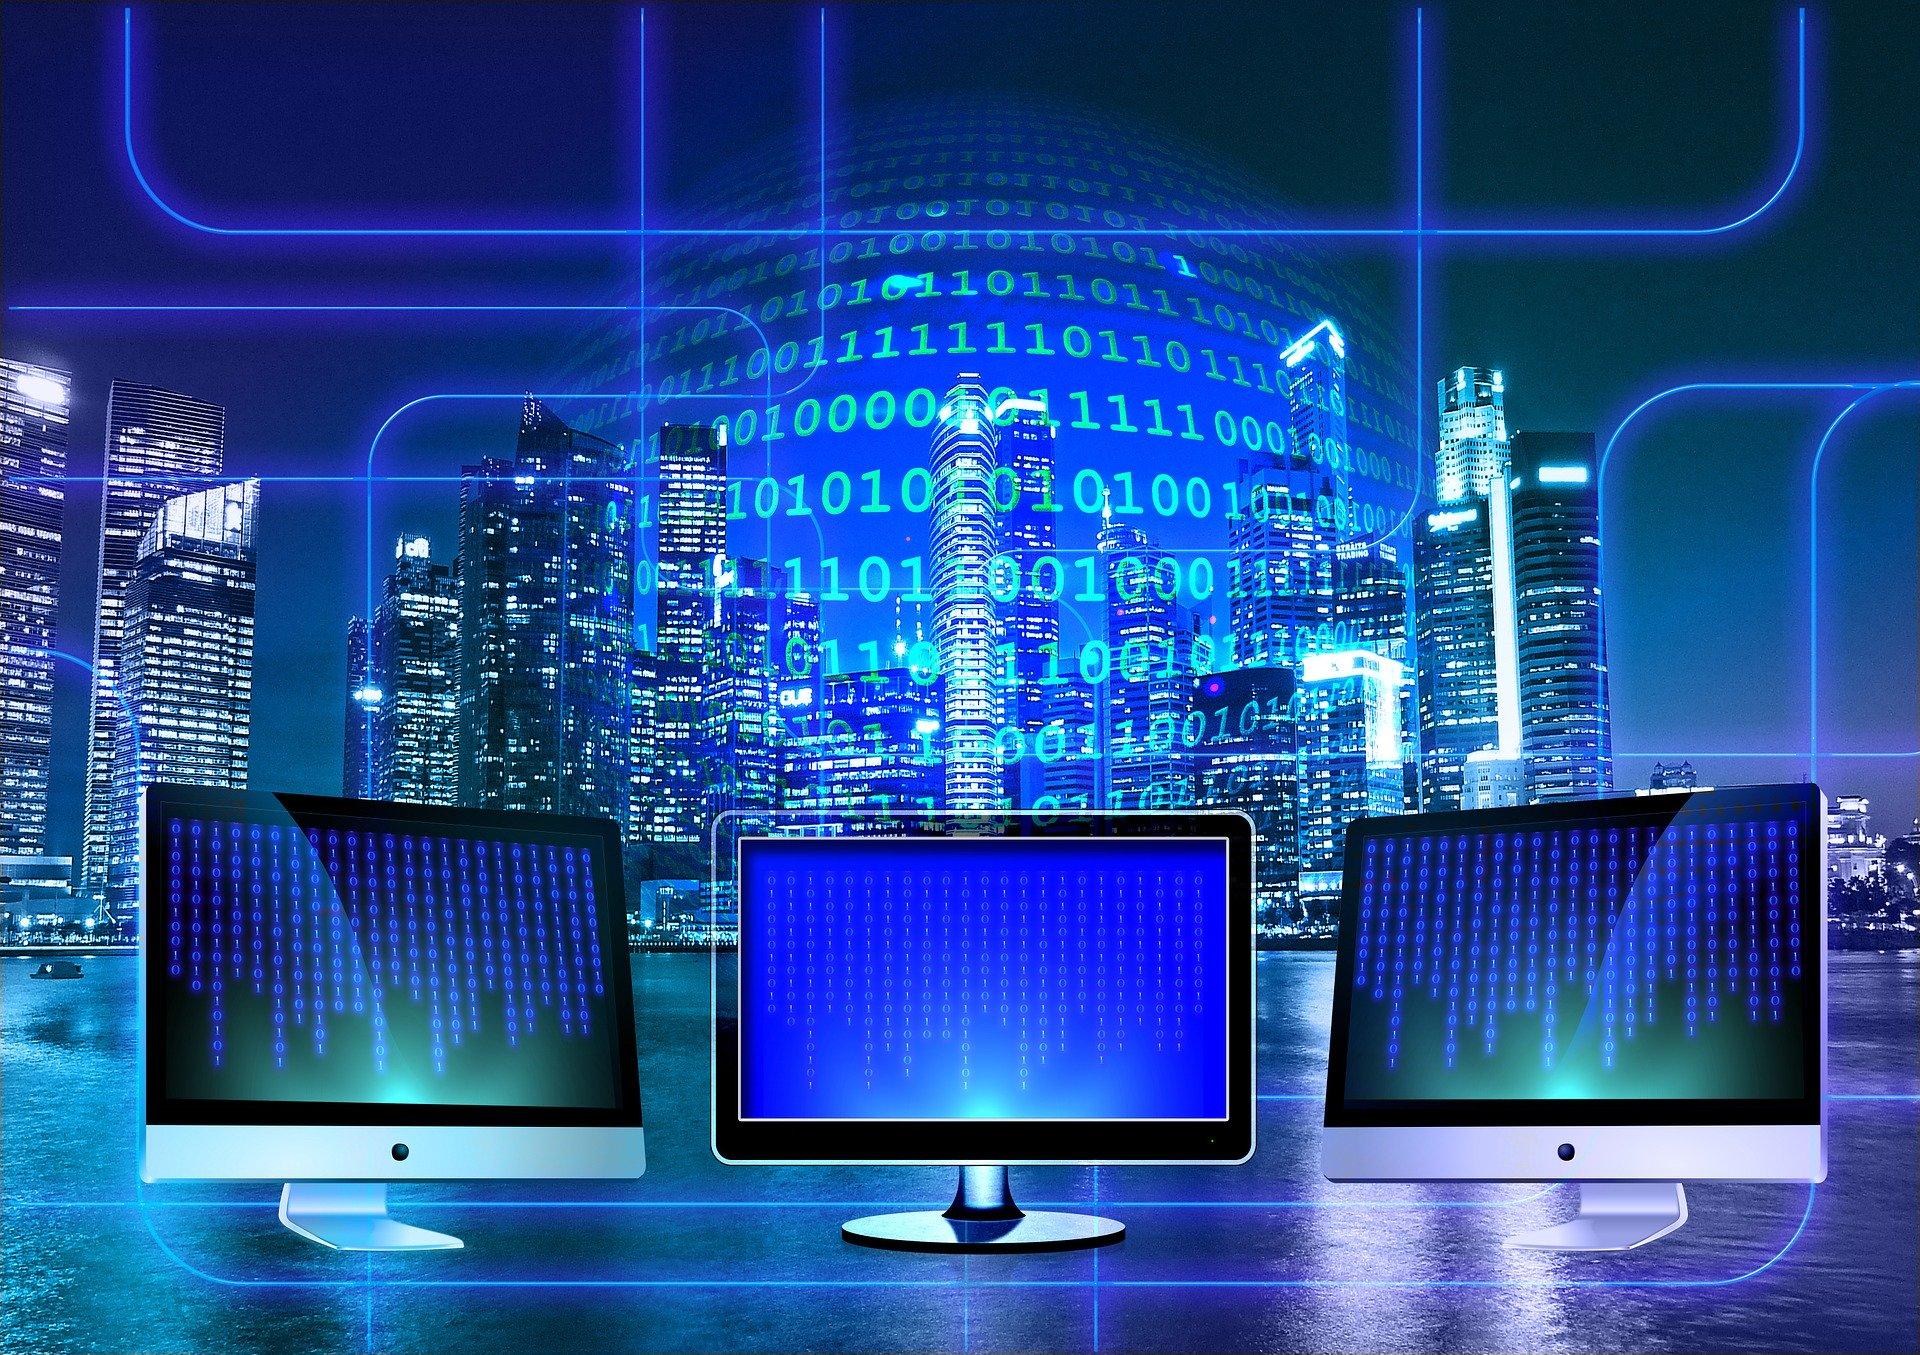 computer monitors